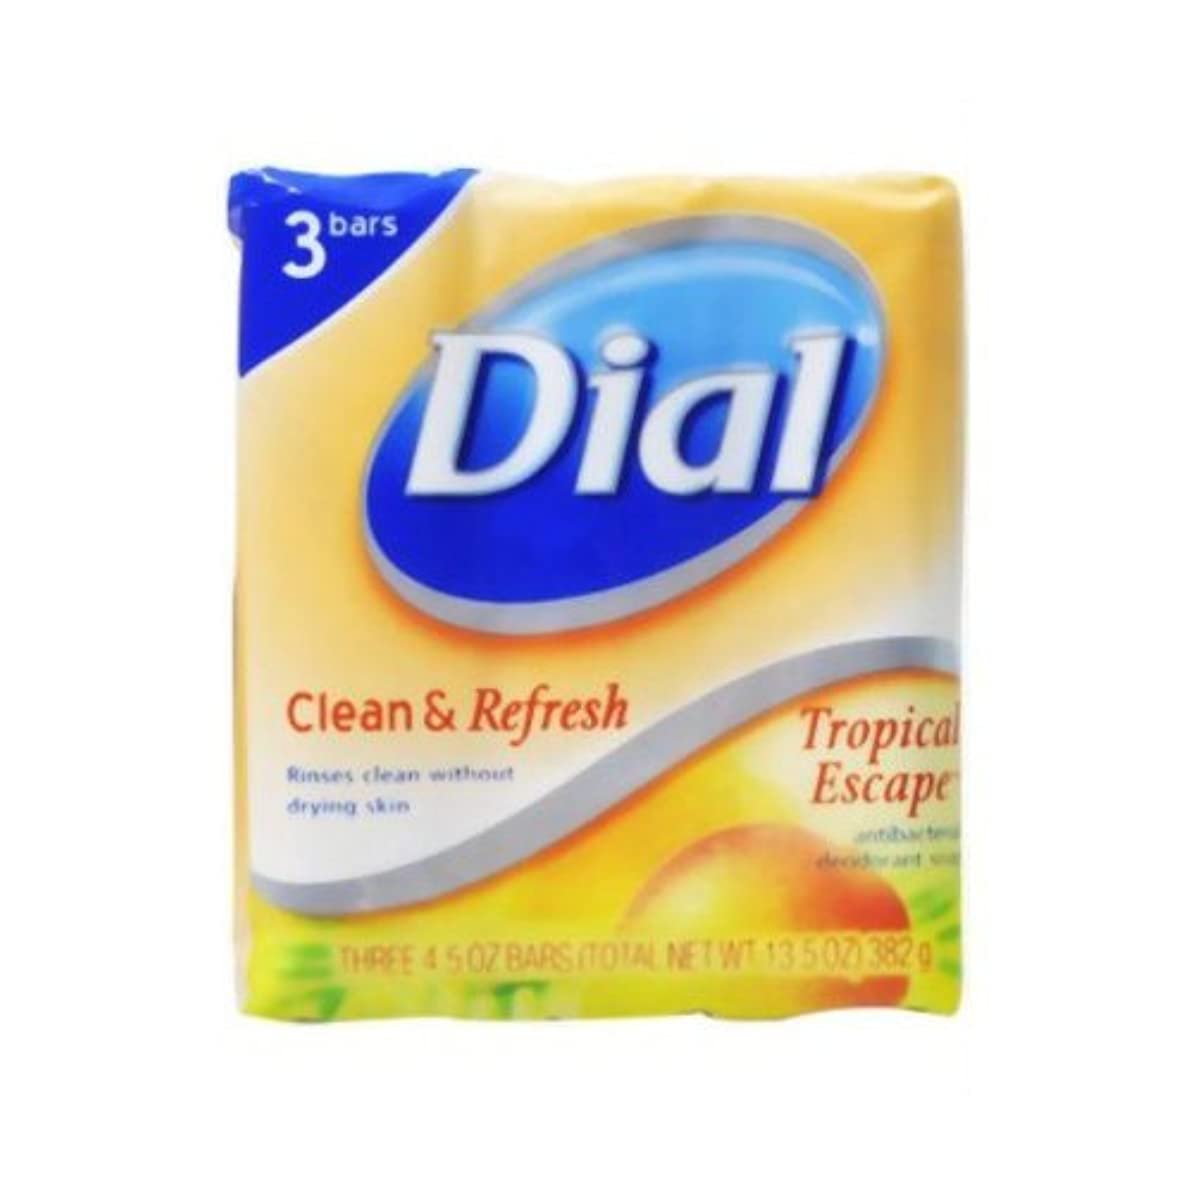 シットコムミュージカル威する【DIAL】ダイアル デオドラント石鹸 トロピカルエスケープ 3個パック